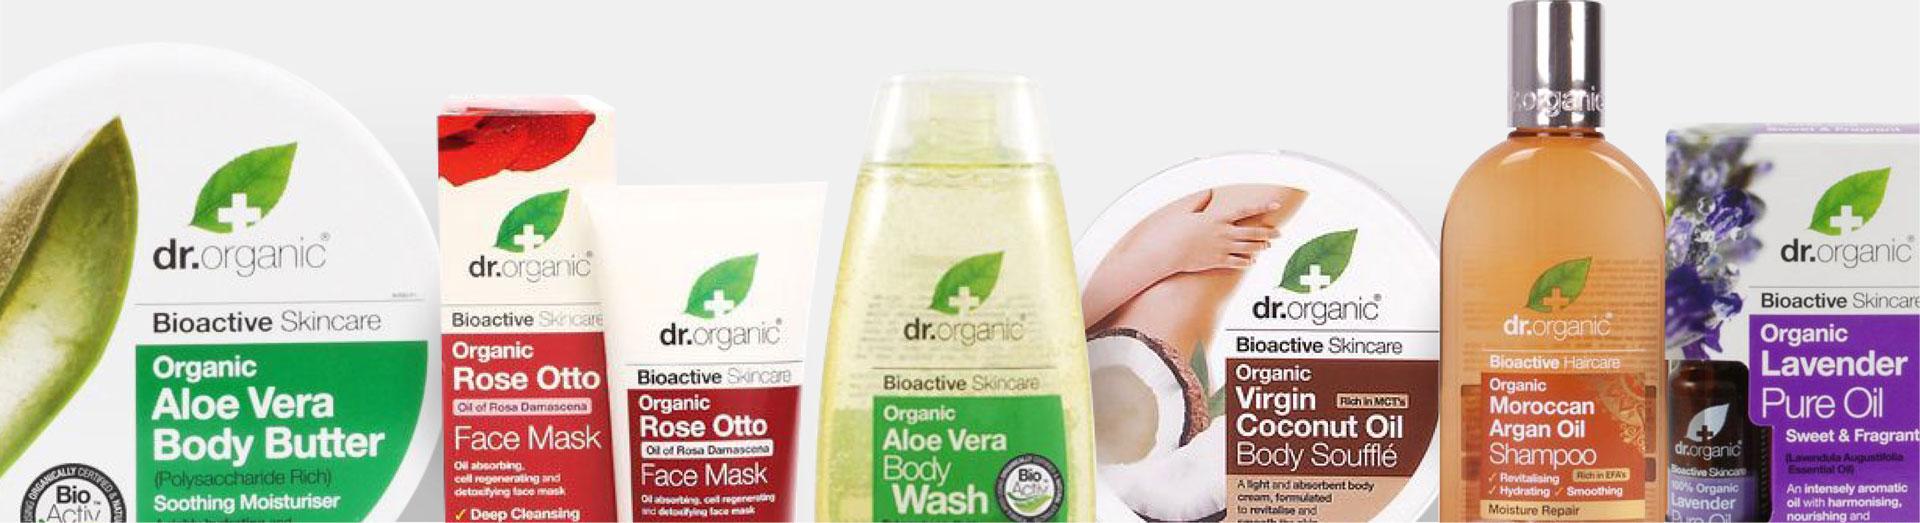 Calm Natural Skin Care